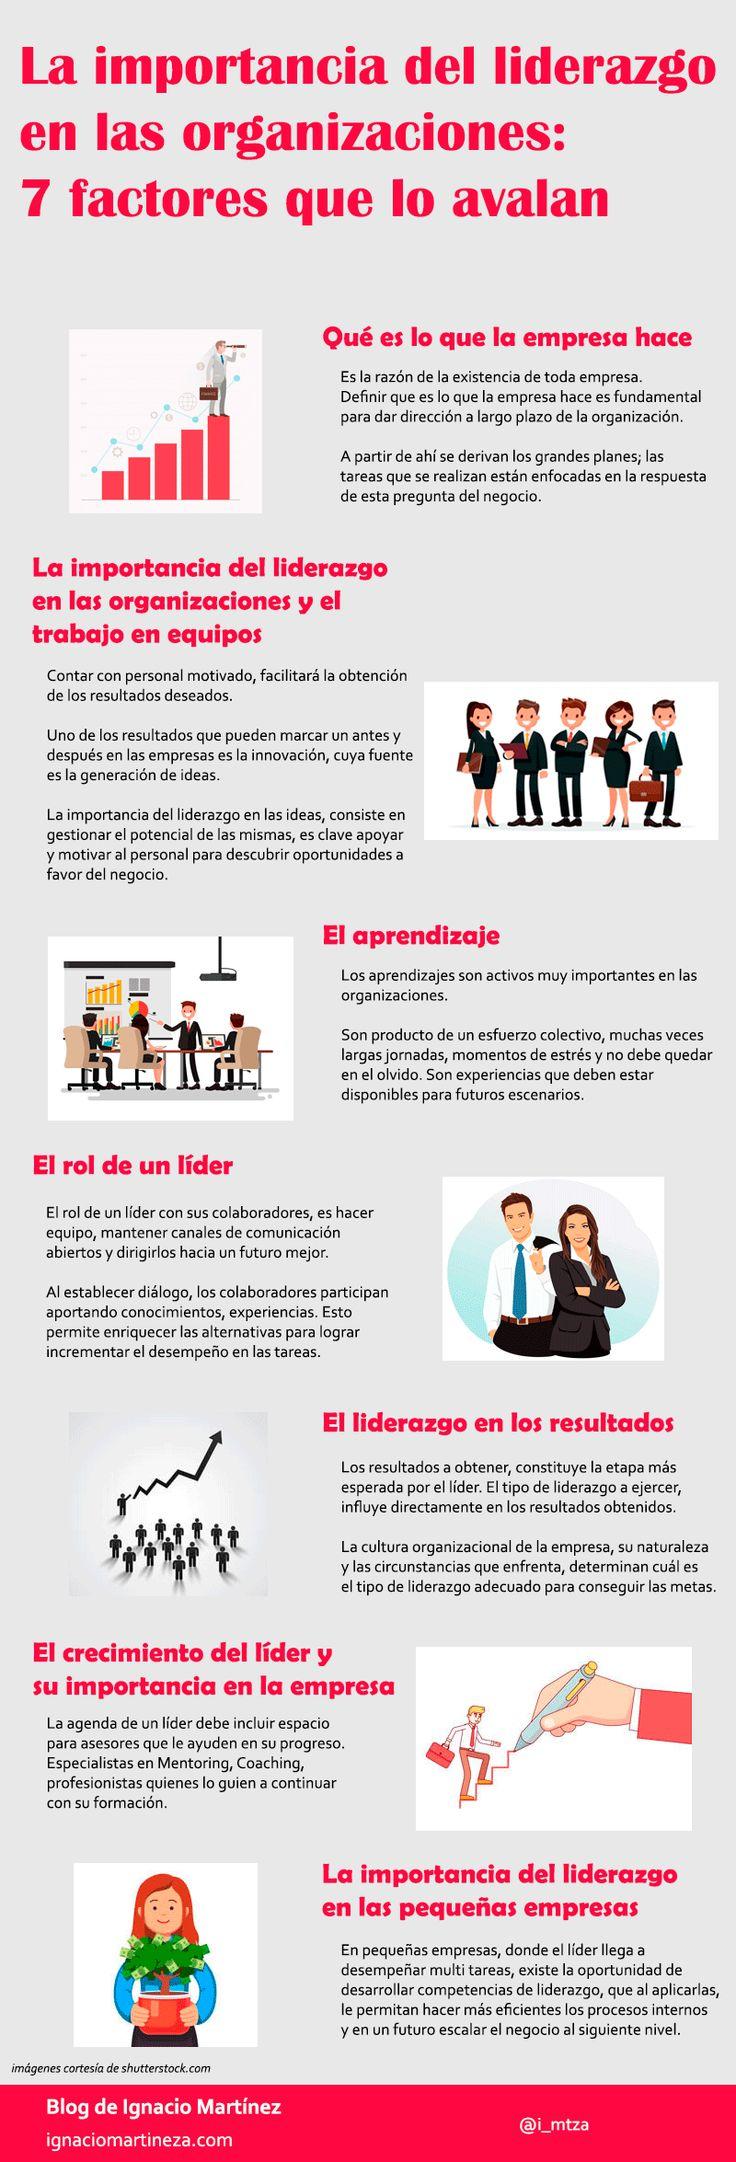 Infografía - La importancia del liderazgo en las organizaciones